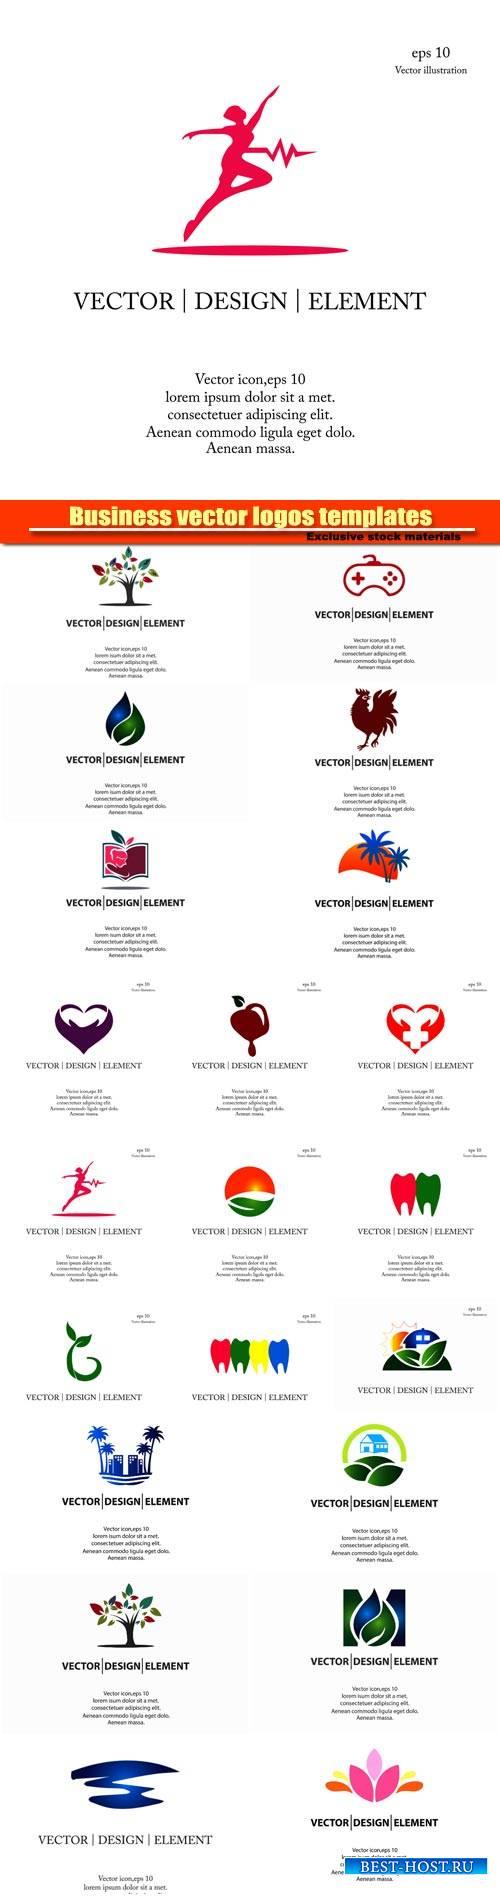 Business vector logos templates